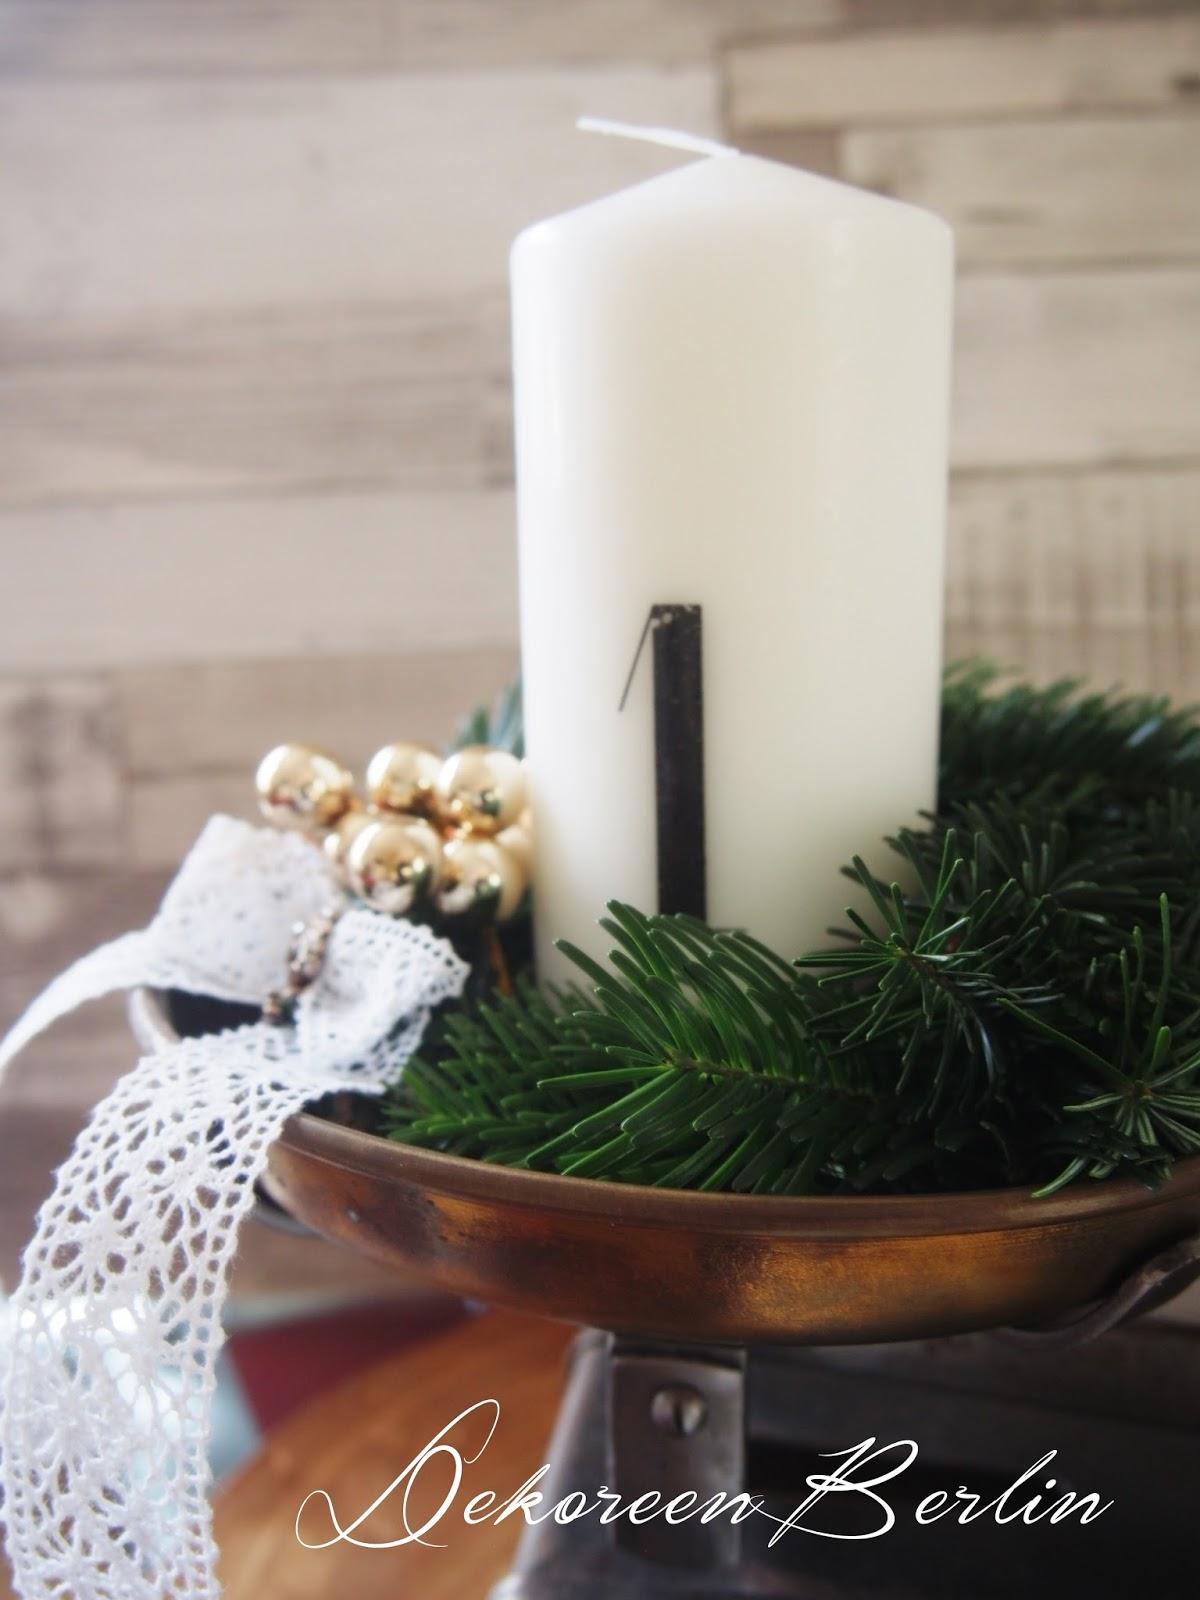 Dekoreenberlin - Wann weihnachtlich dekorieren ...